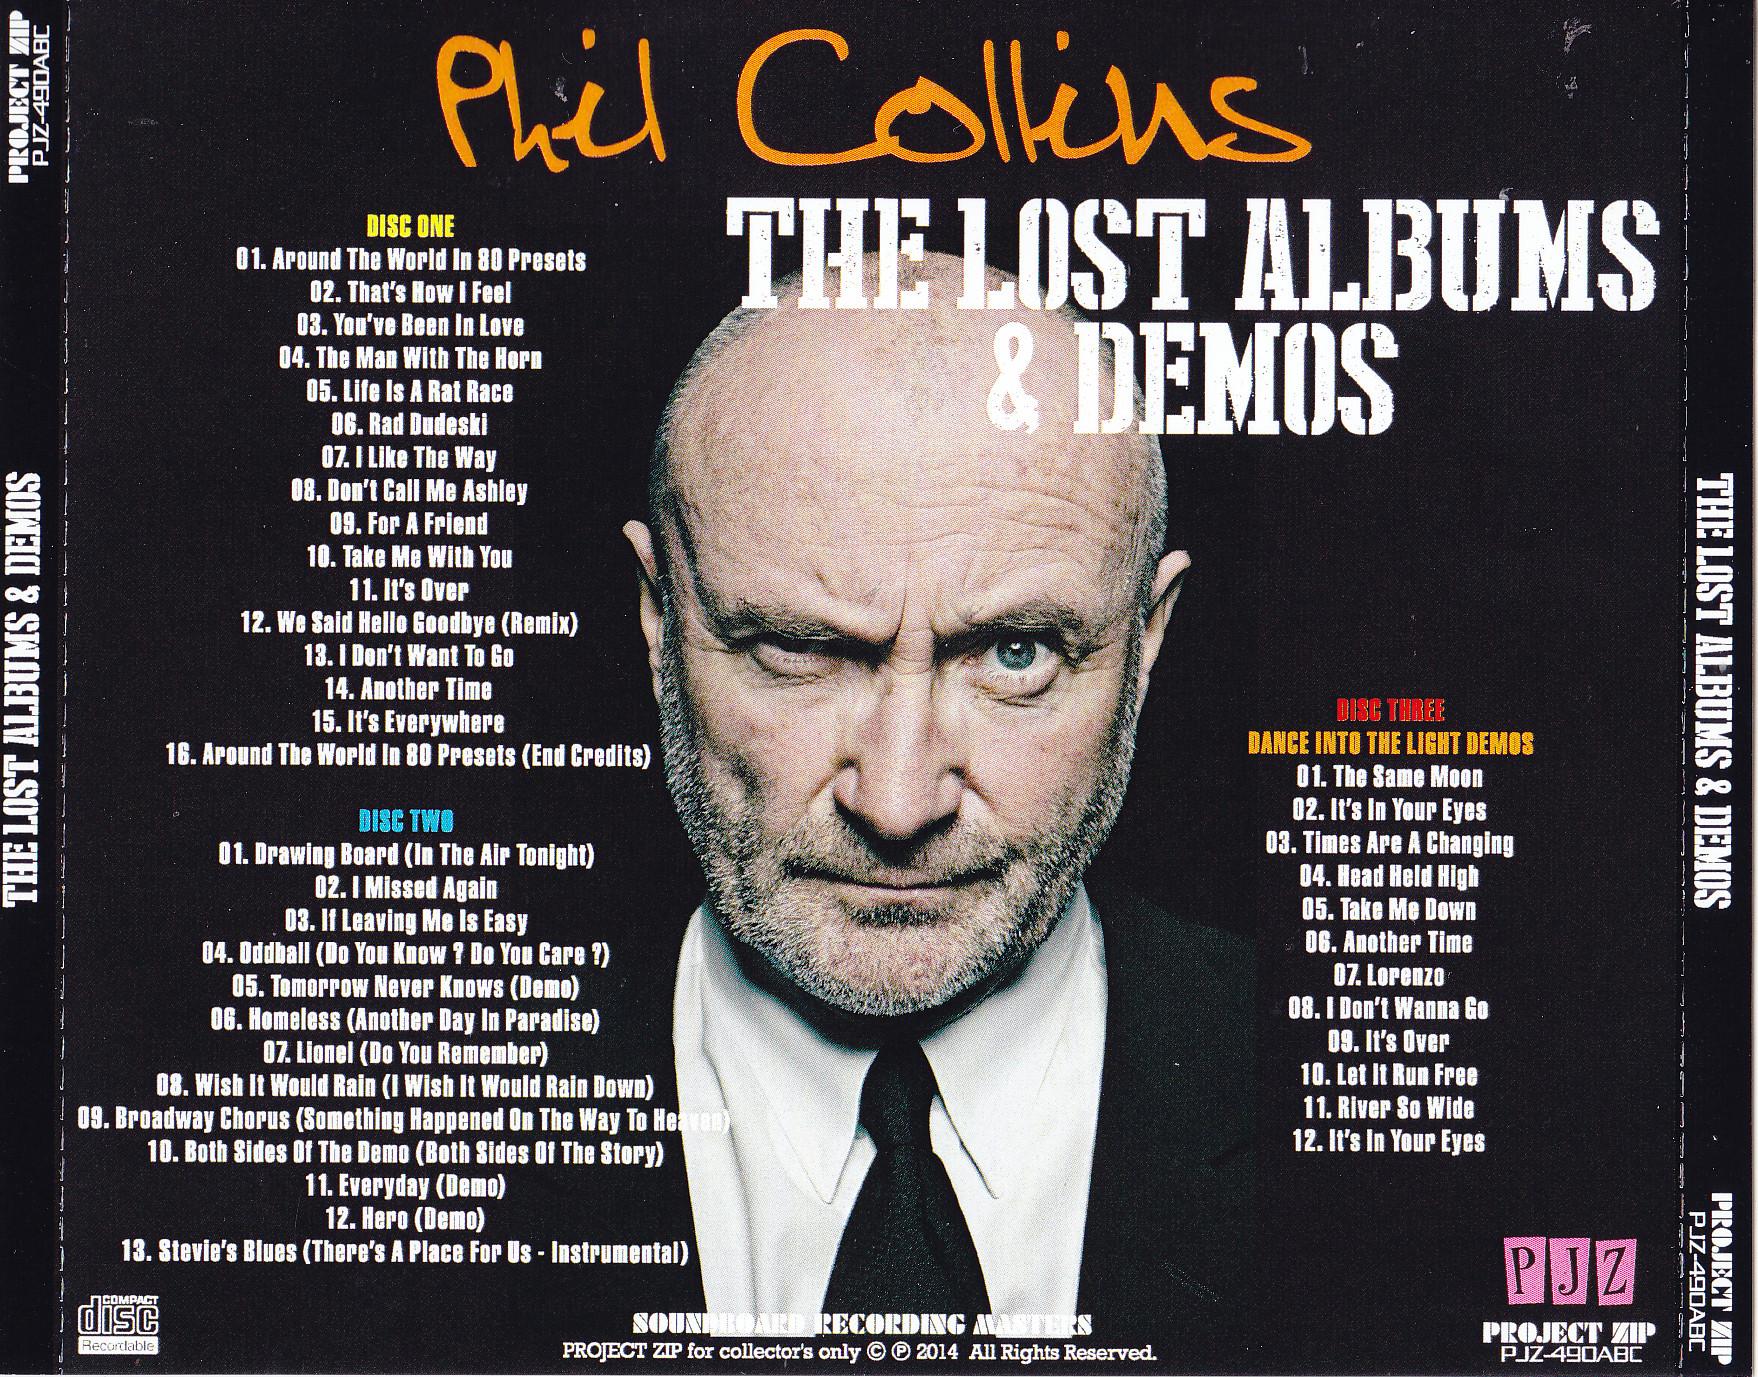 Phil collins rat race